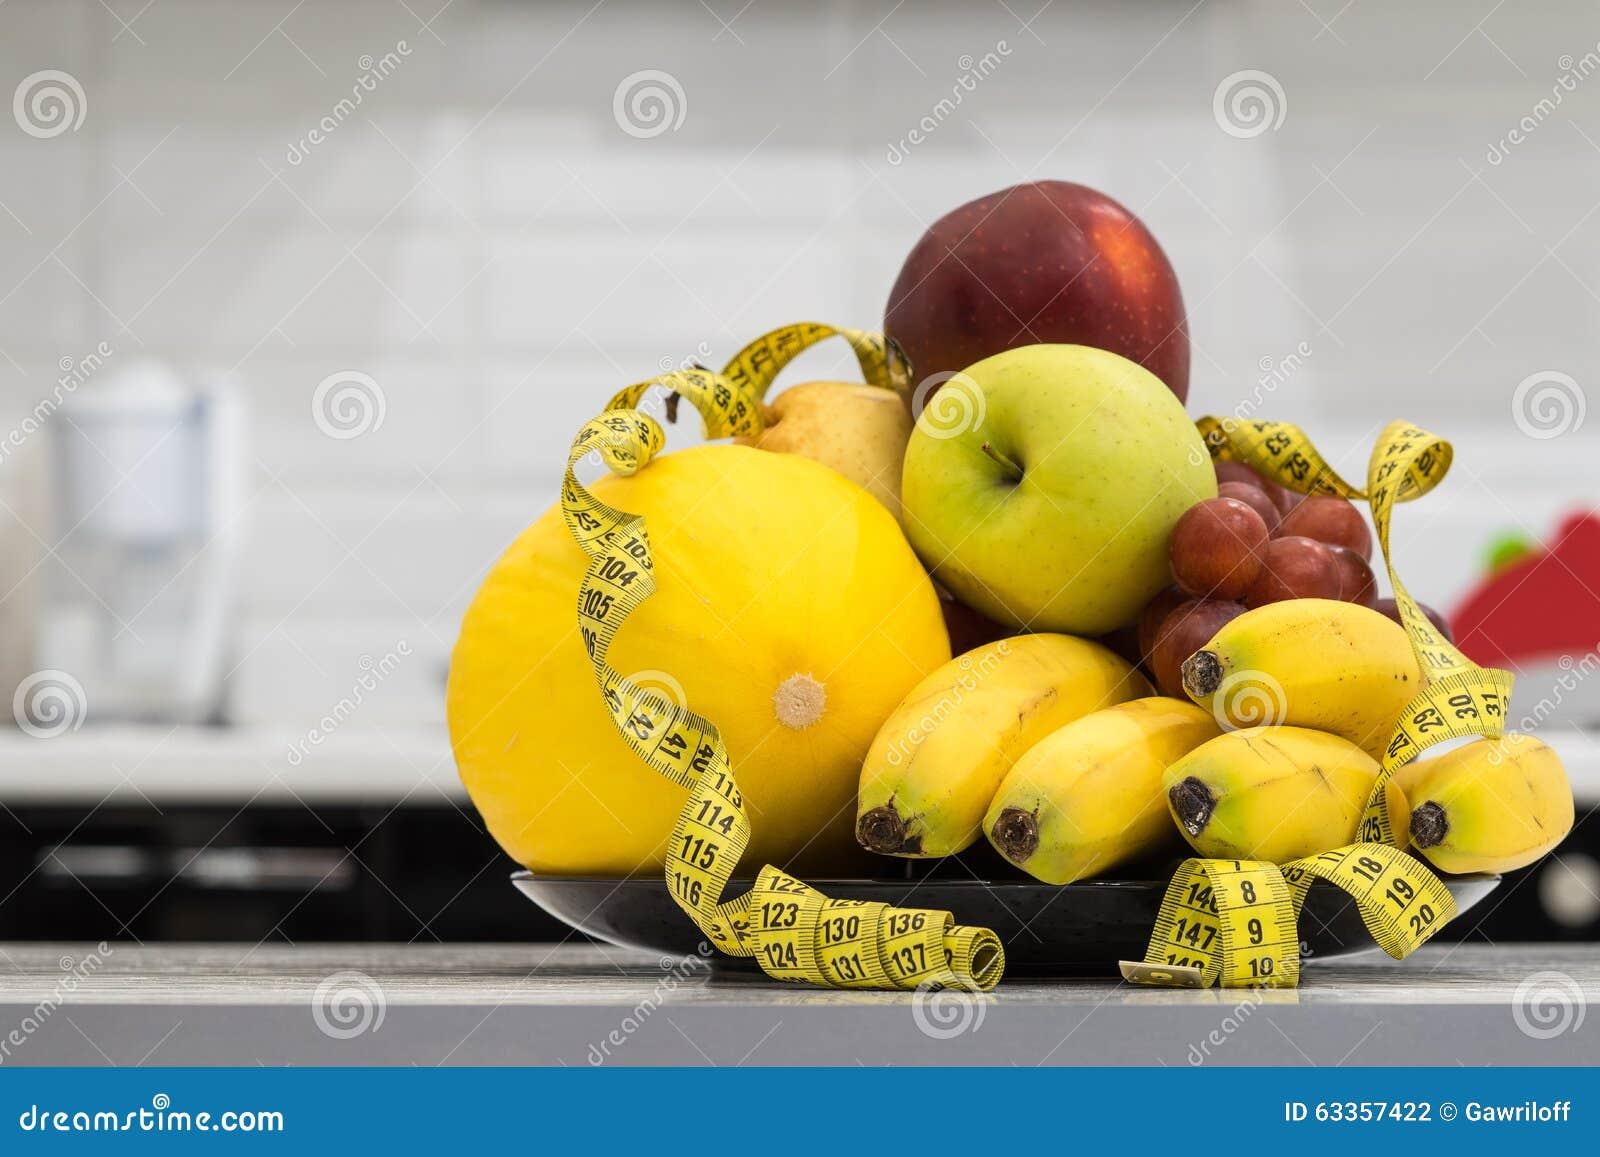 Concept dieet Low-calorie fruitdieet Dieet voor gewichtsverlies